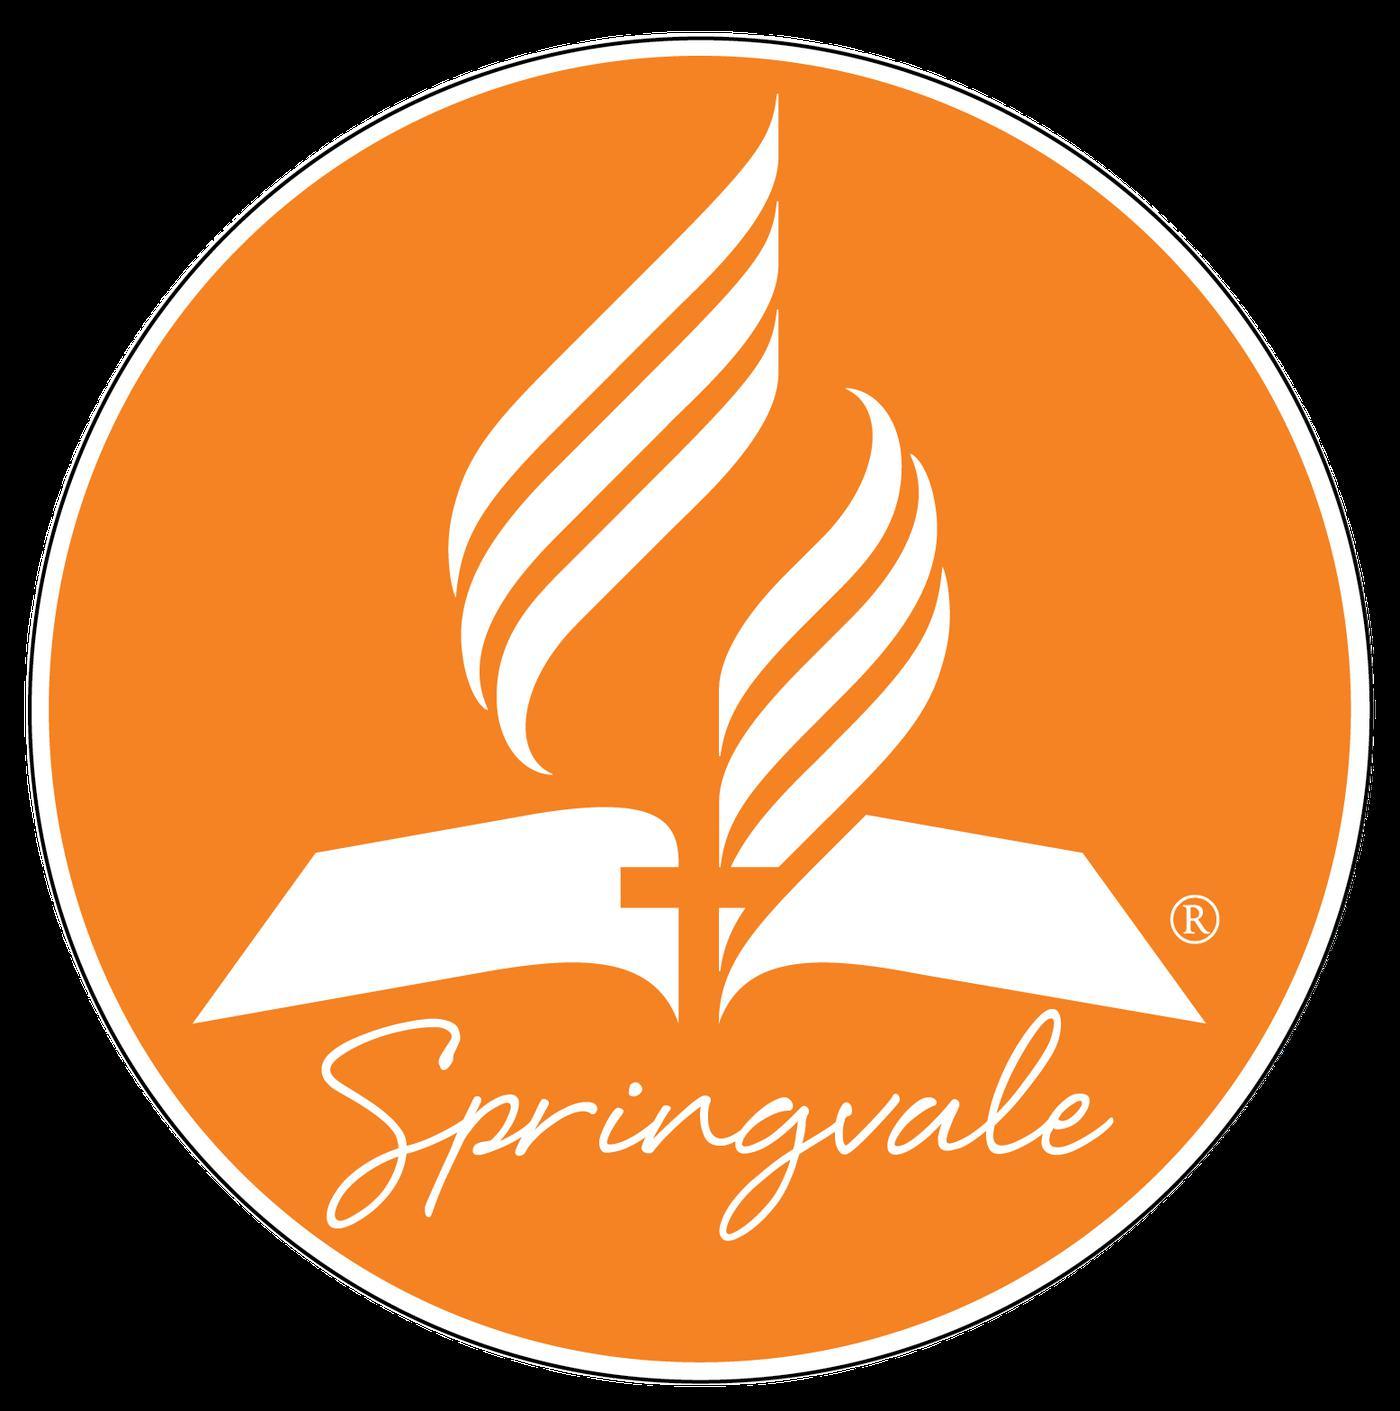 Sermons 2018 Audio – Springvale Seventh-day Adventist Church